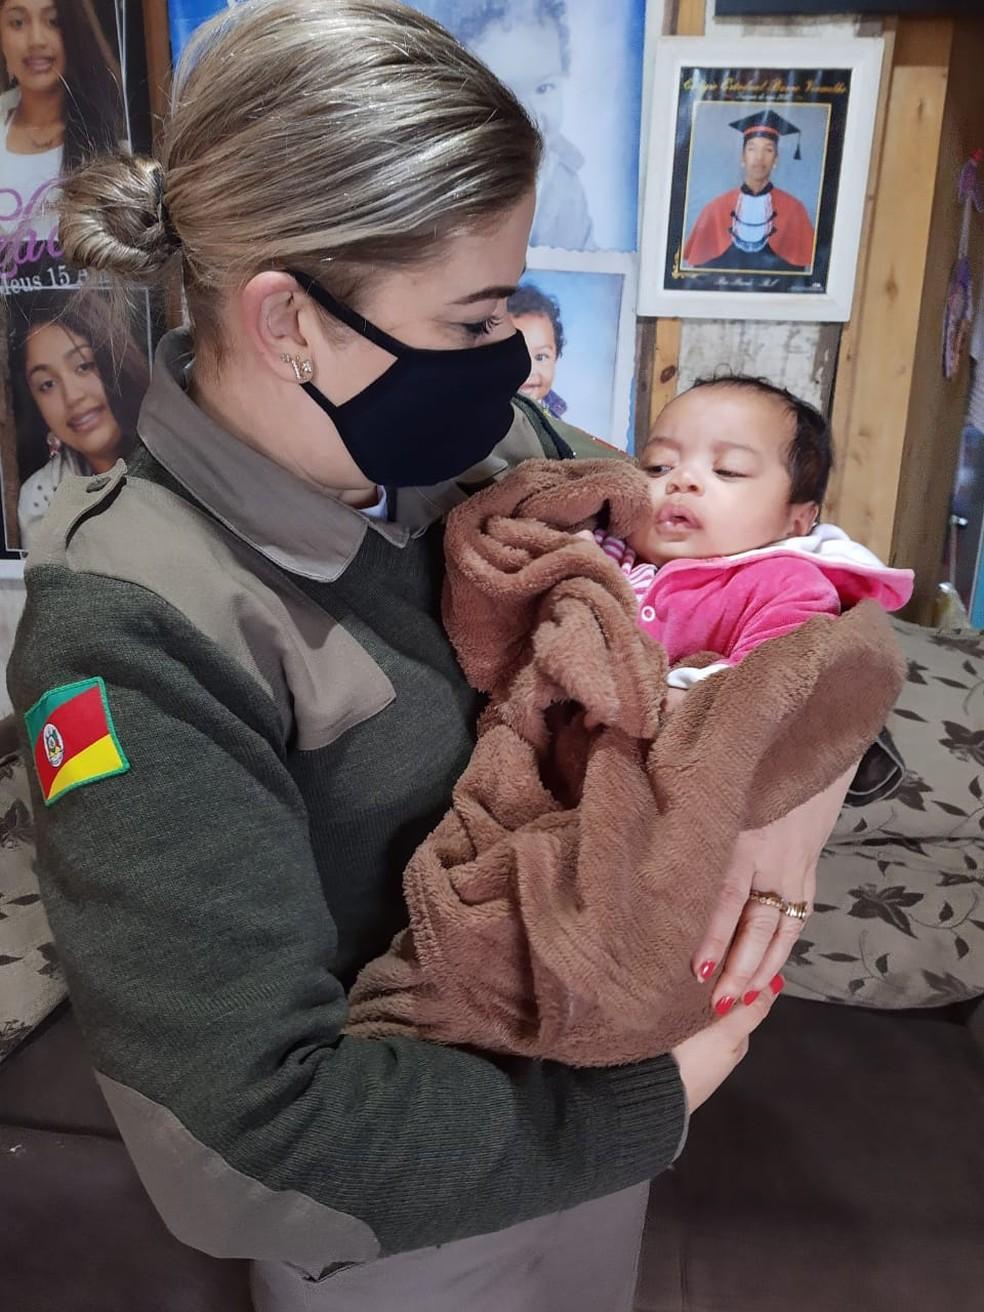 Soldado conta que nunca tinha passado por uma situação parecida  — Foto: Divulgação / Brigada Militar